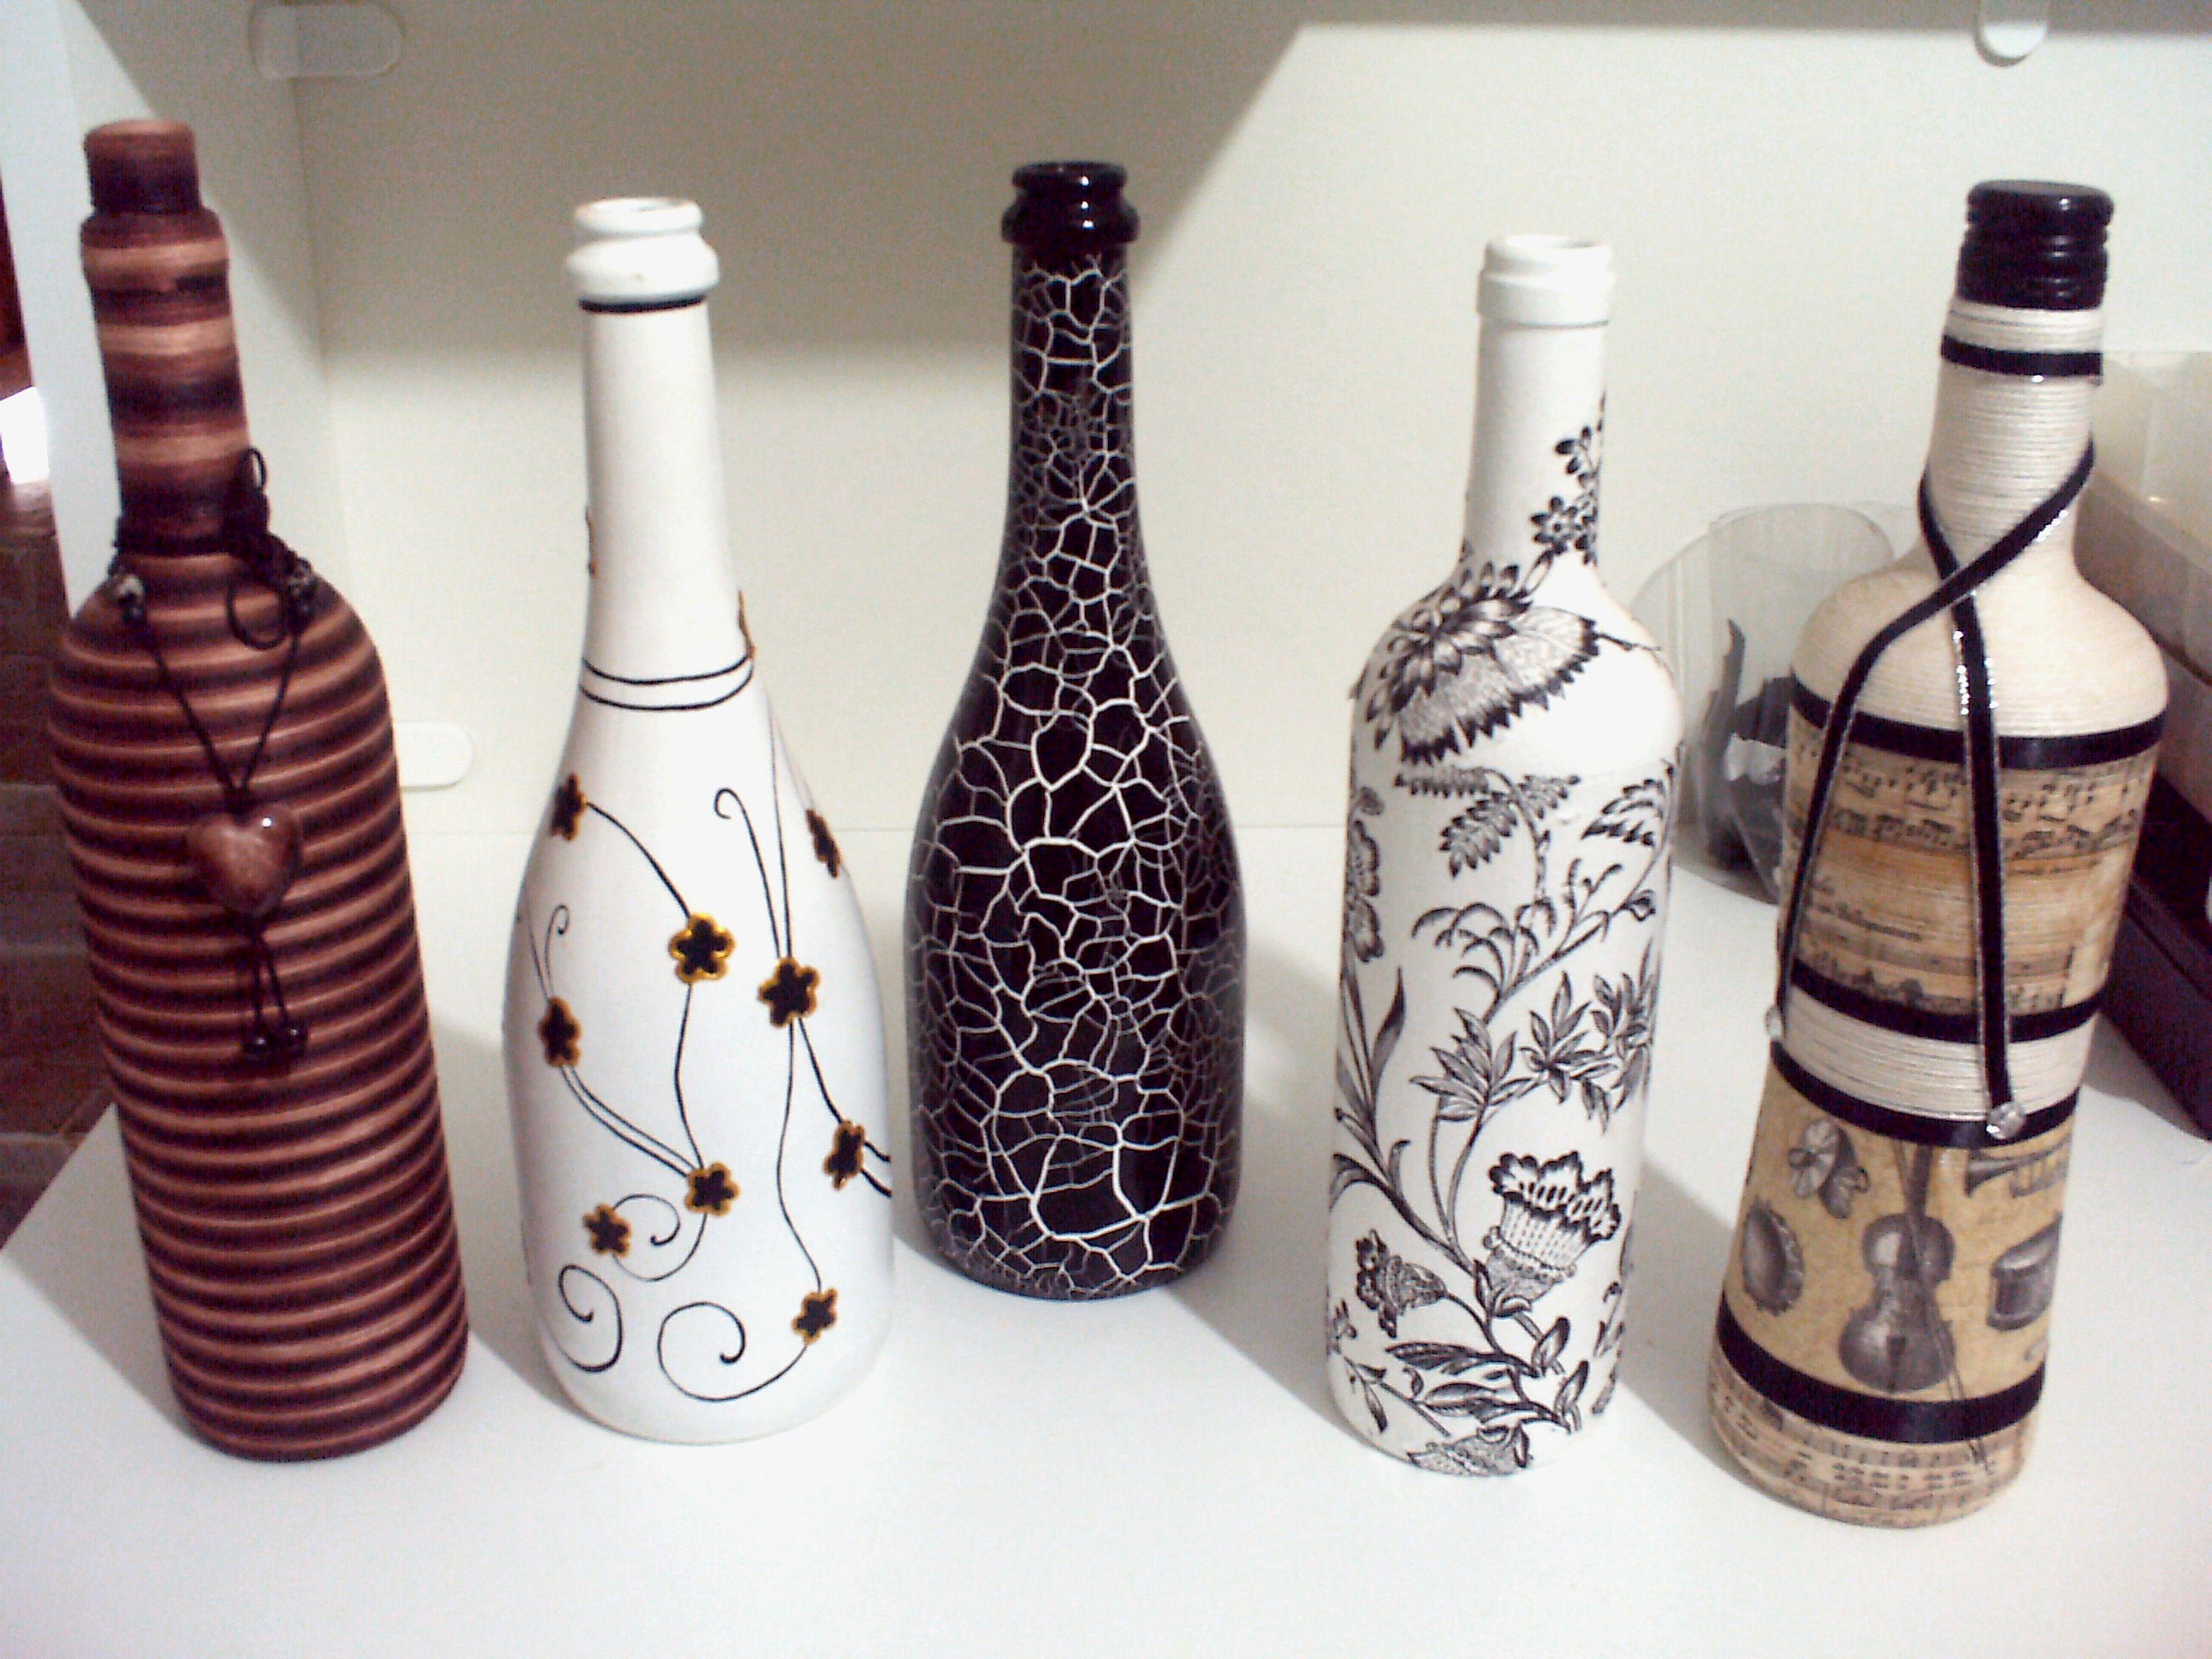 garrafas decoradas Ateli mos Em ao